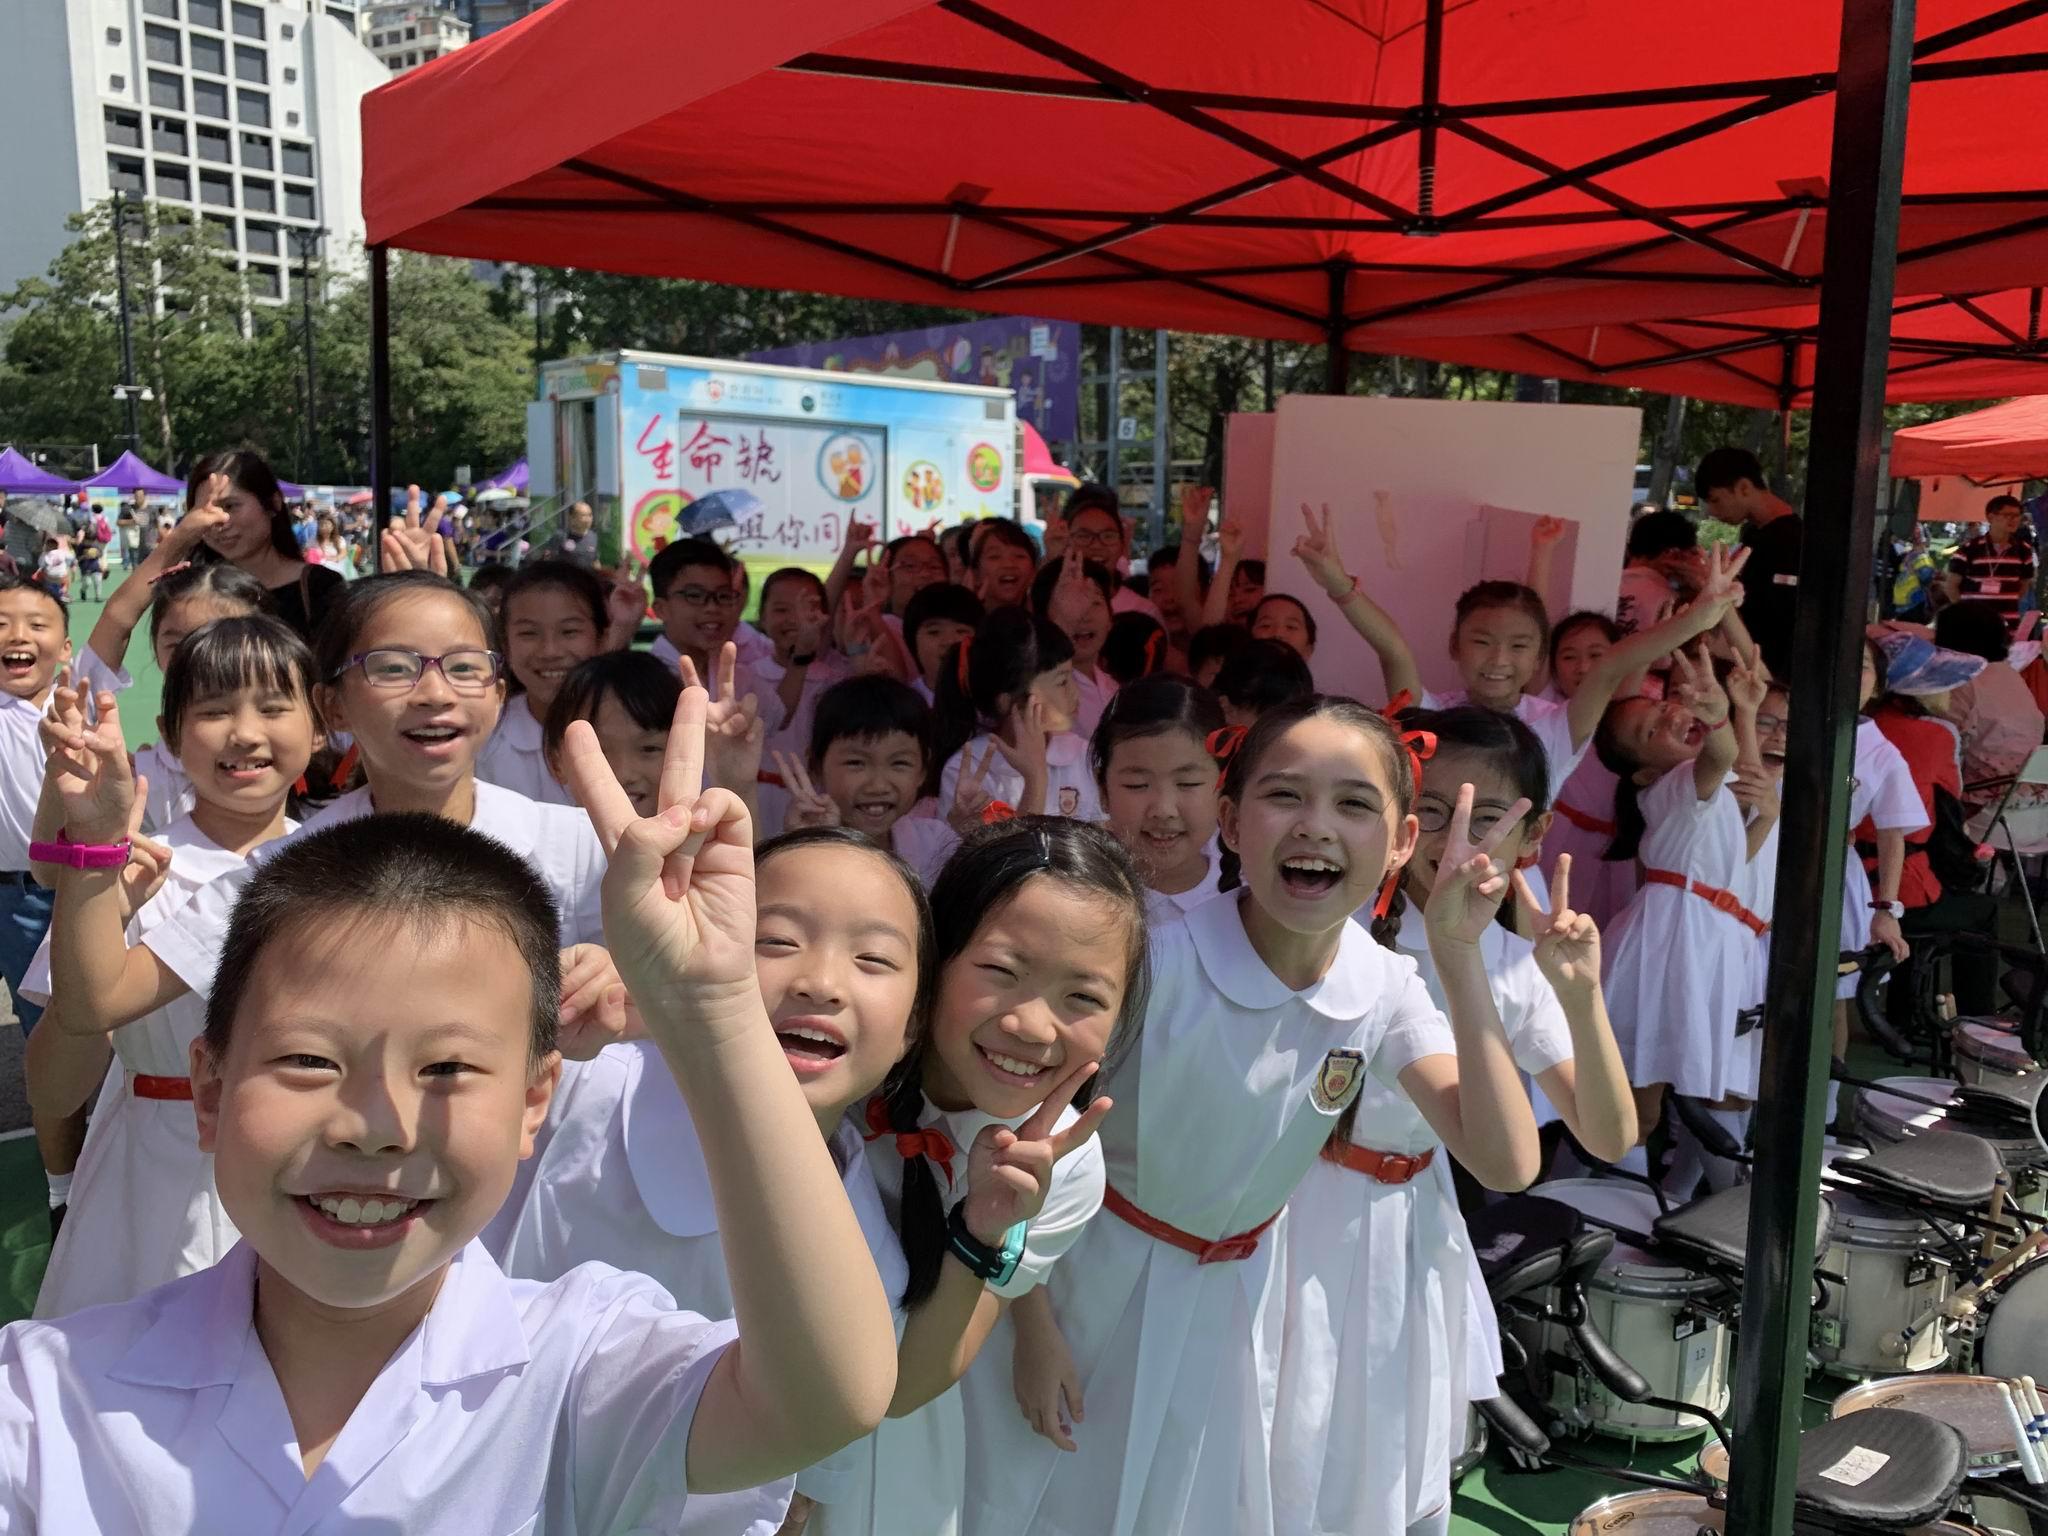 https://plkcjy.edu.hk/sites/default/files/img_8170_1.jpg